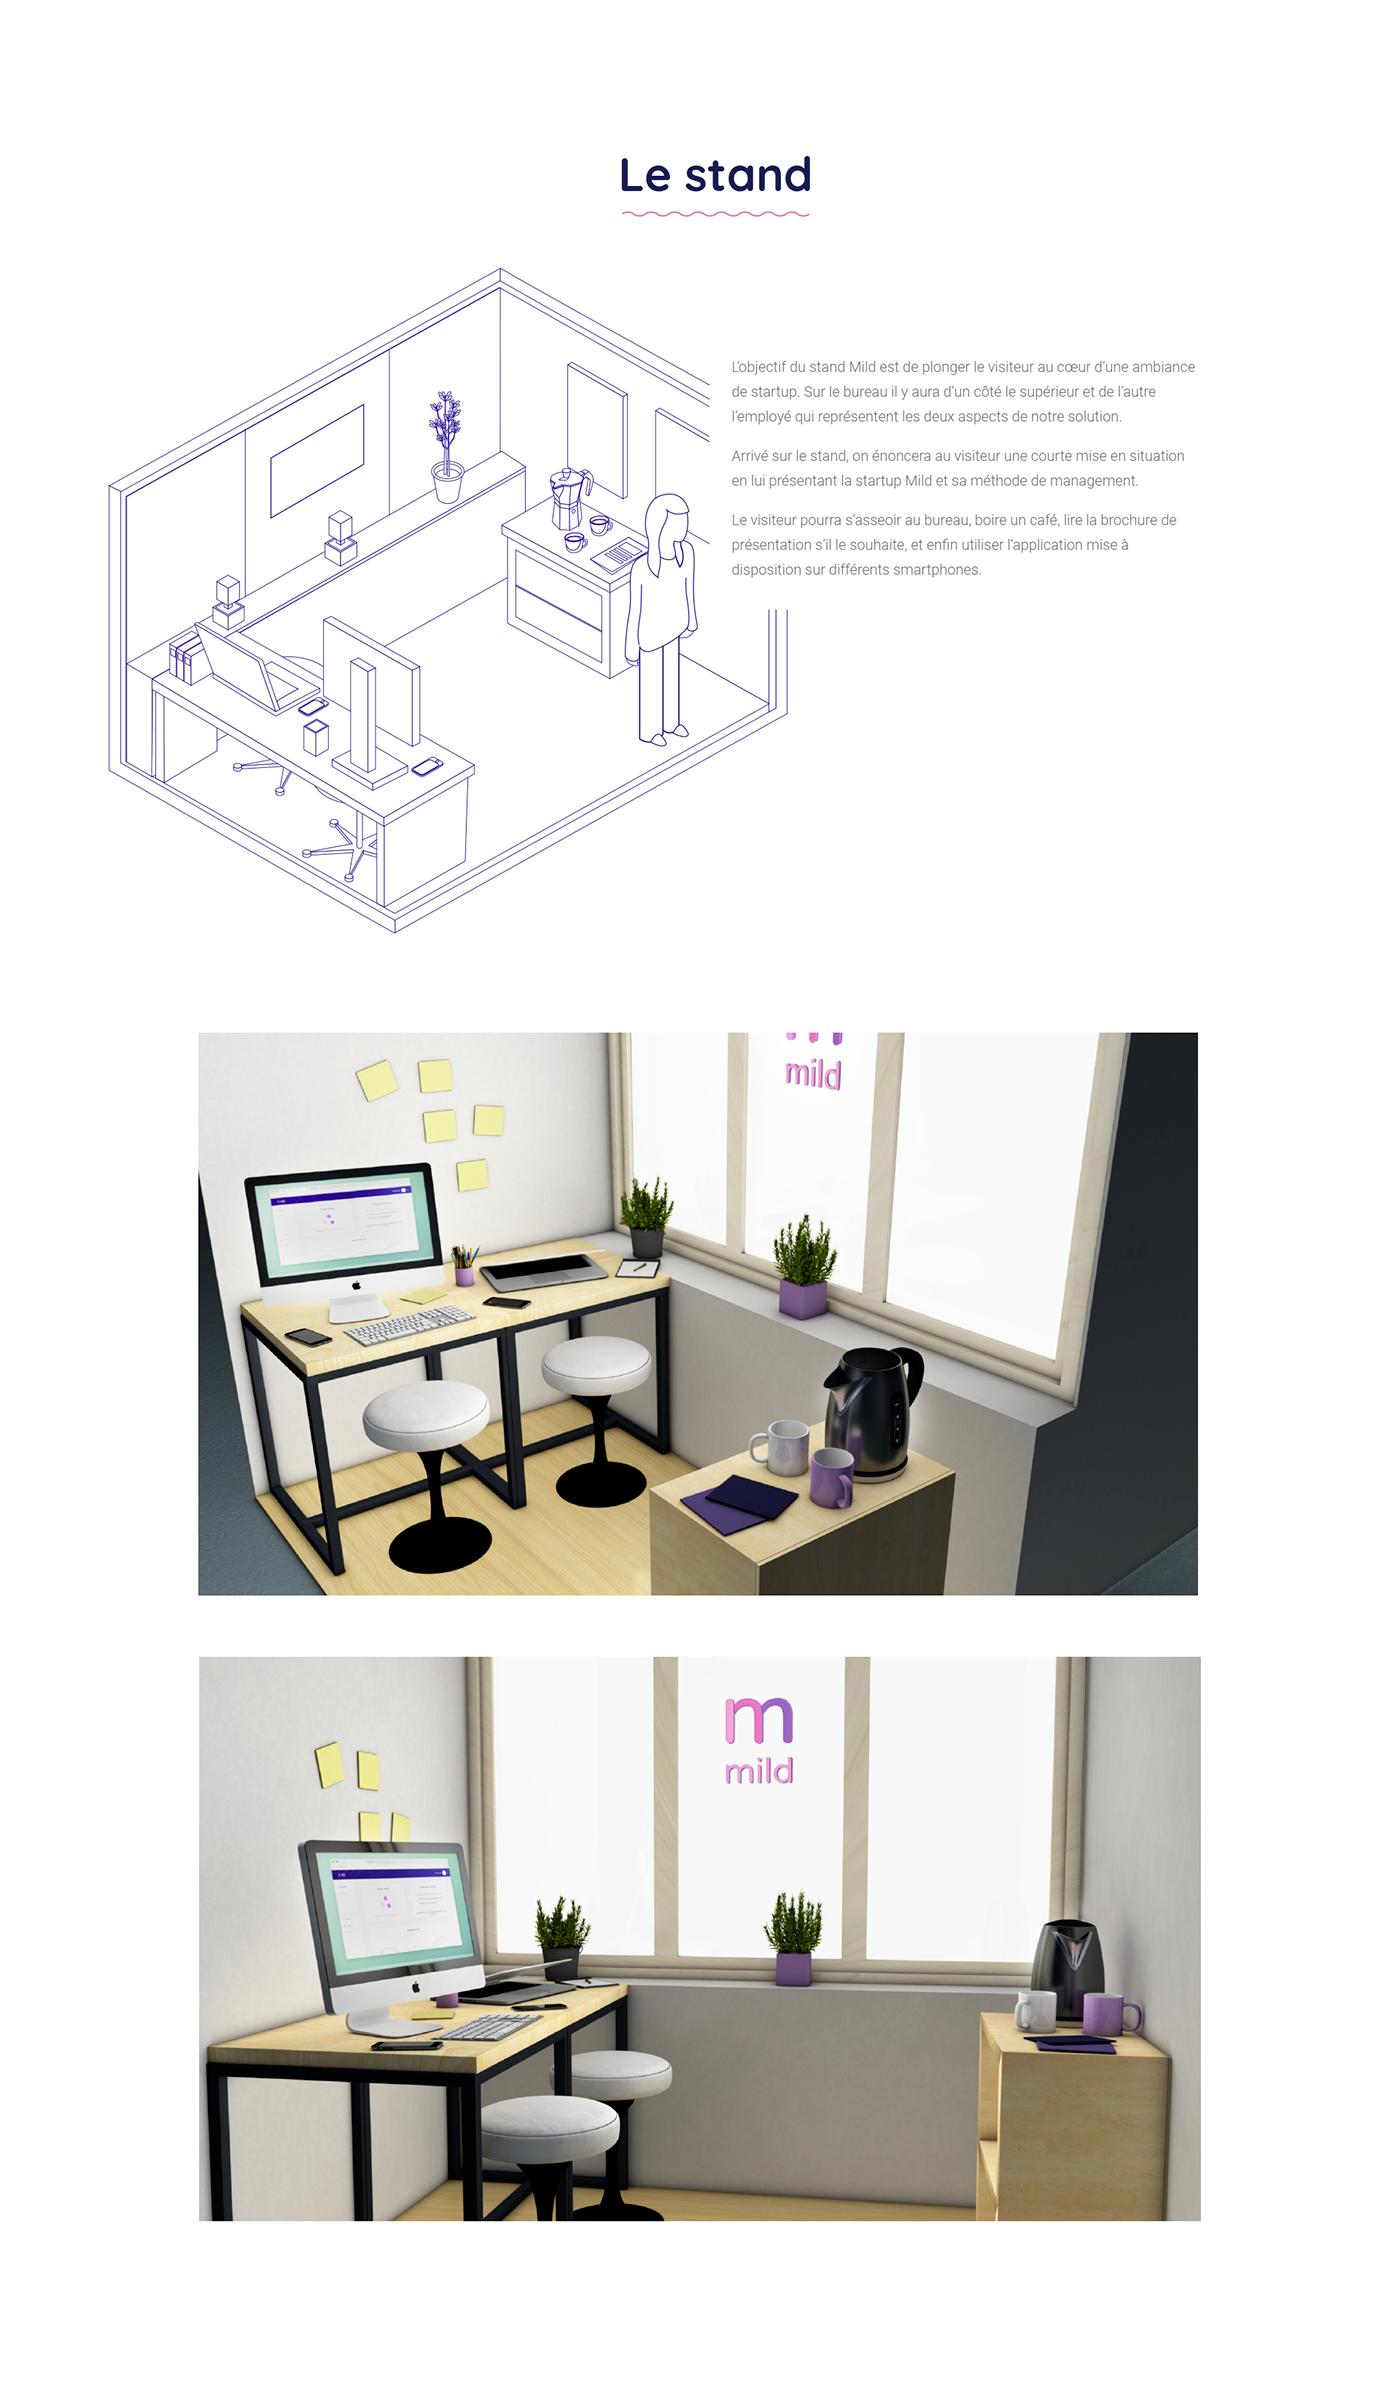 mobile app mild stress management Startup relax meditation UX design ia